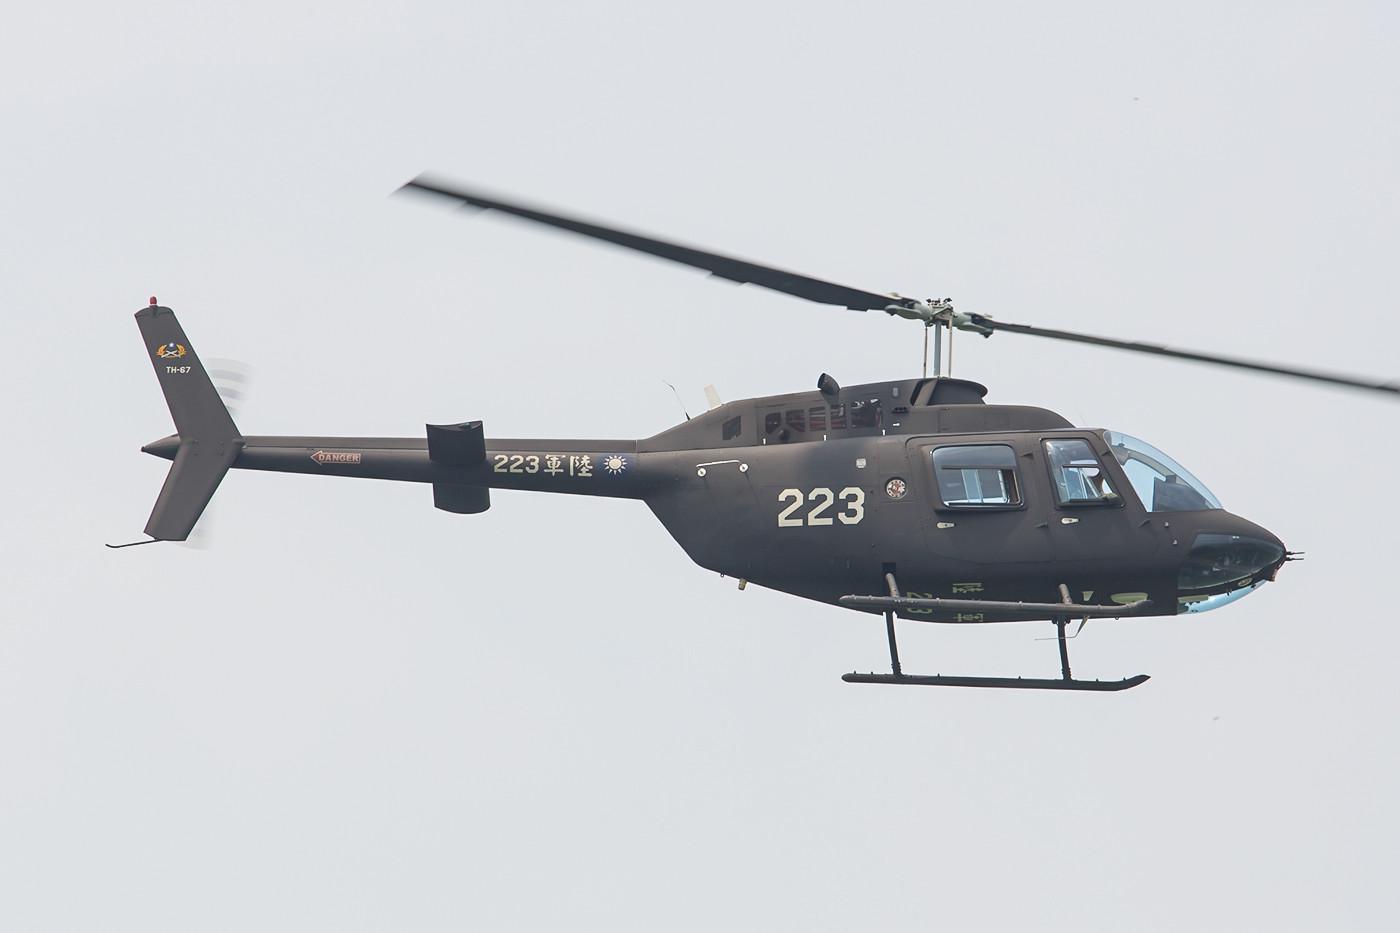 Für die Basisausbildung verwendet die RoCAr den TH-67, er ist die militärische VAriante der Bell 206 Jet Ranger.